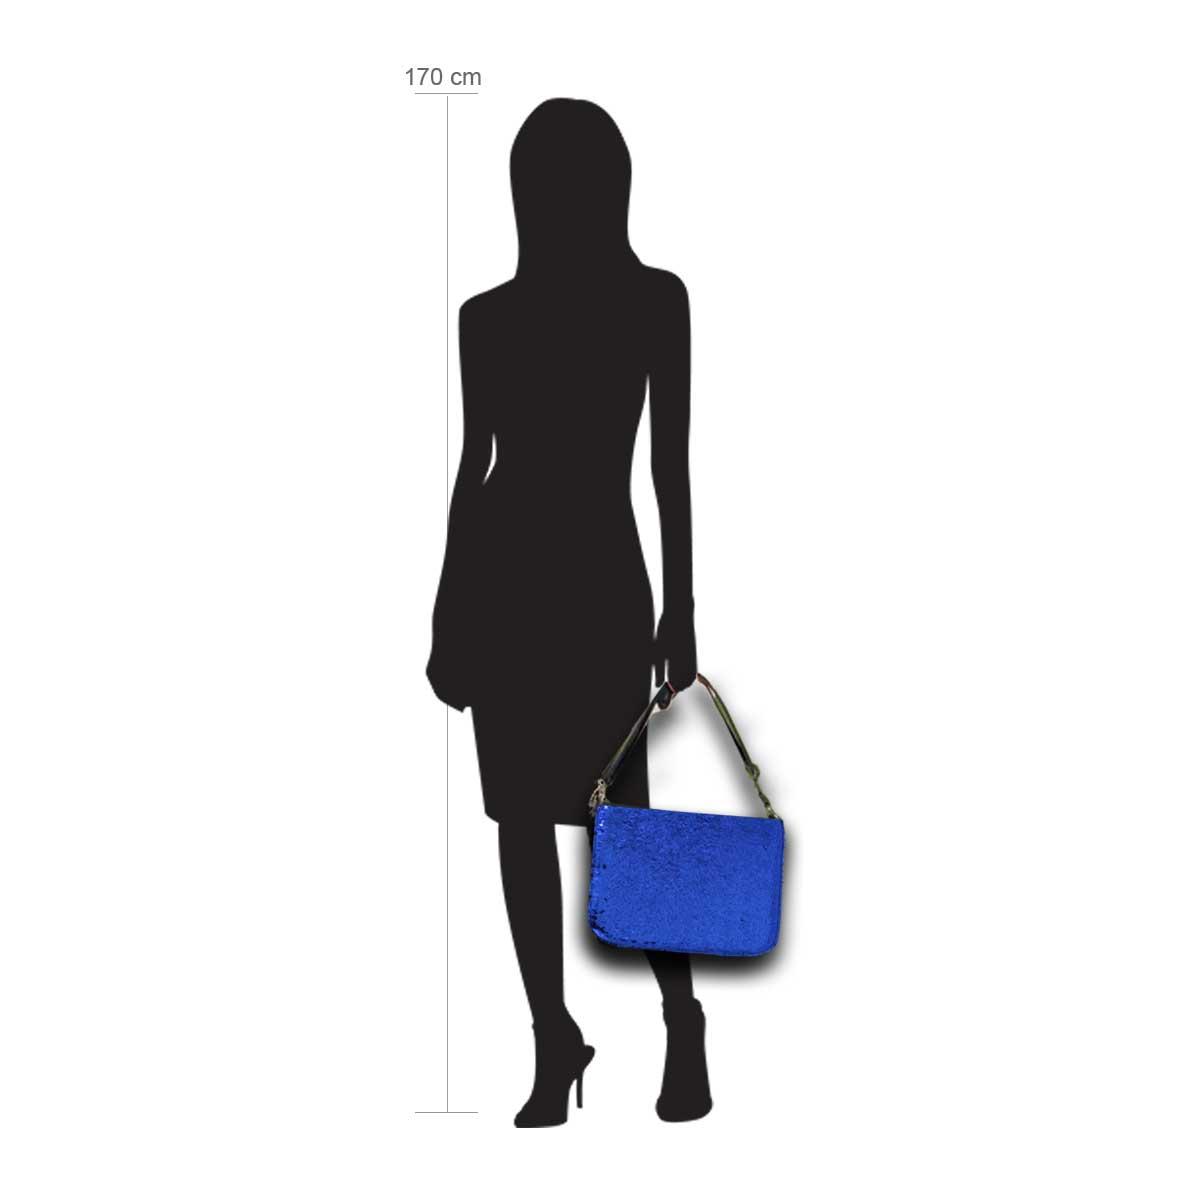 Modellpuppe 170 cm groß zeigt die Handtaschengröße an der Person Modell:Avalon